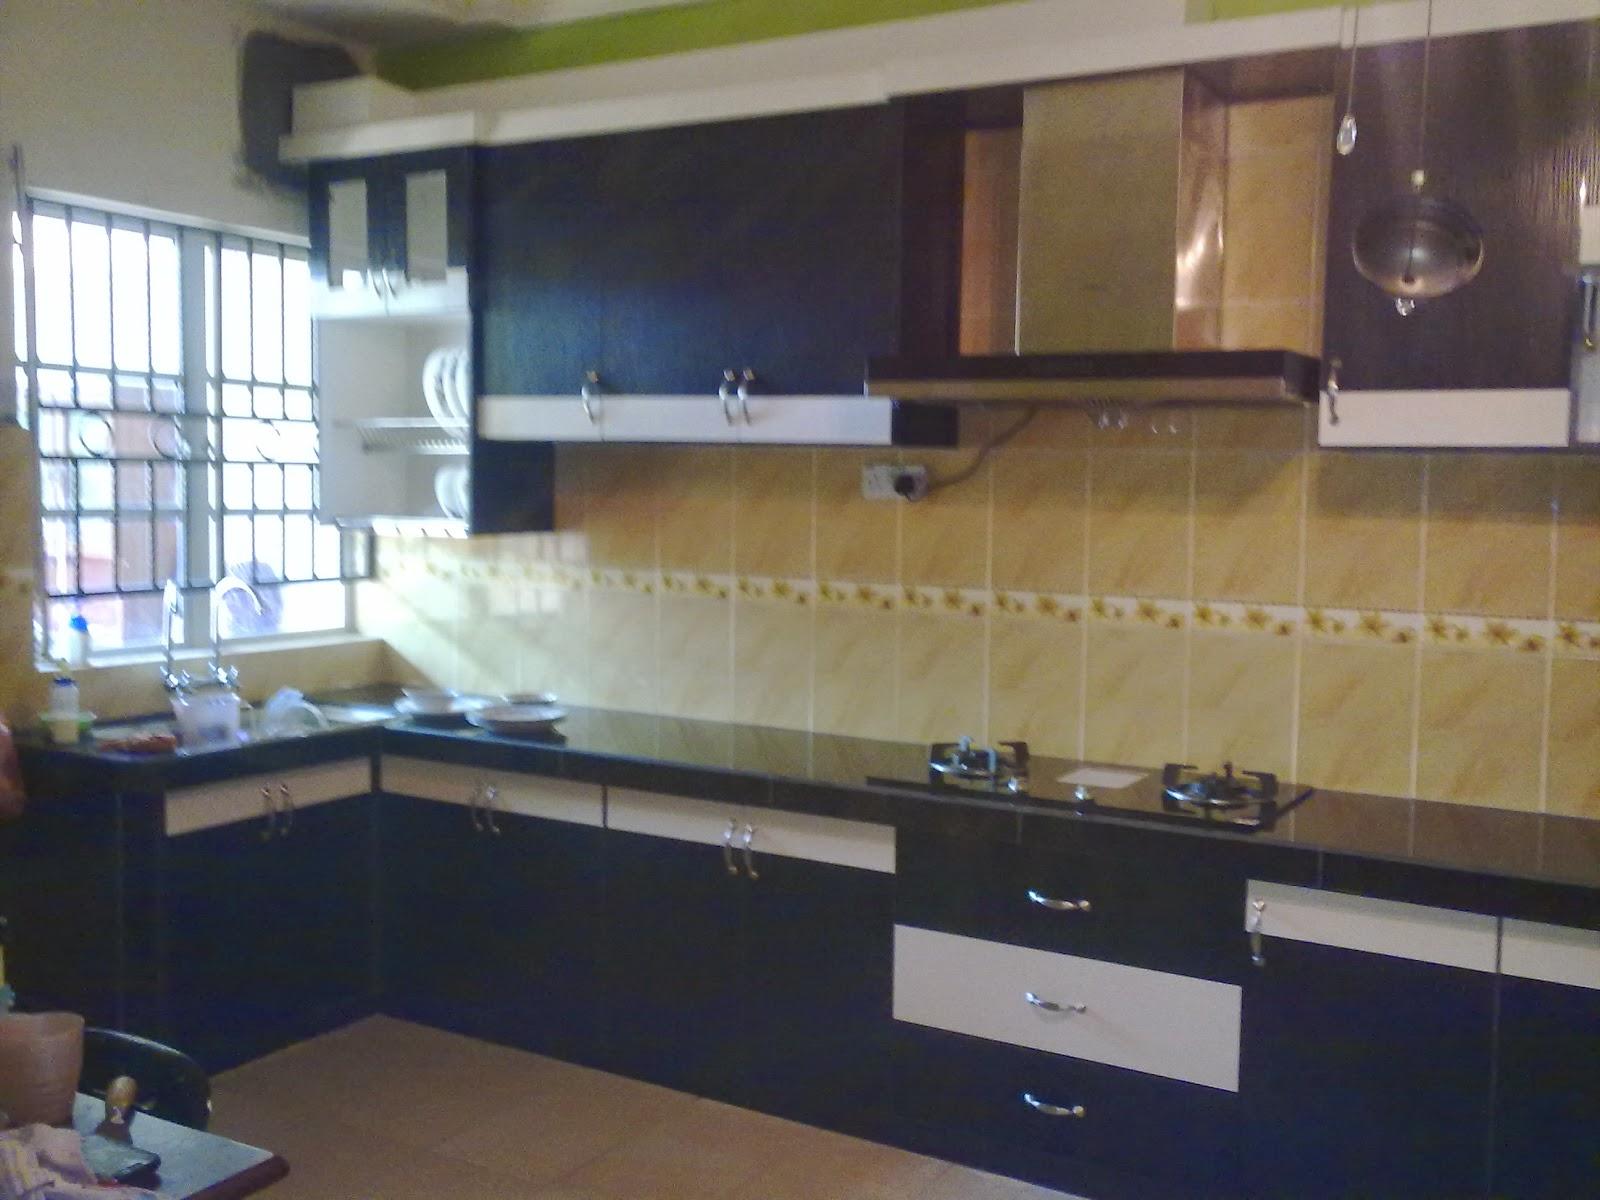 Kabinet Dapur Yang Berkonsep Moden Dengan Kemasan Warna Lat Gelap Dan Cerah